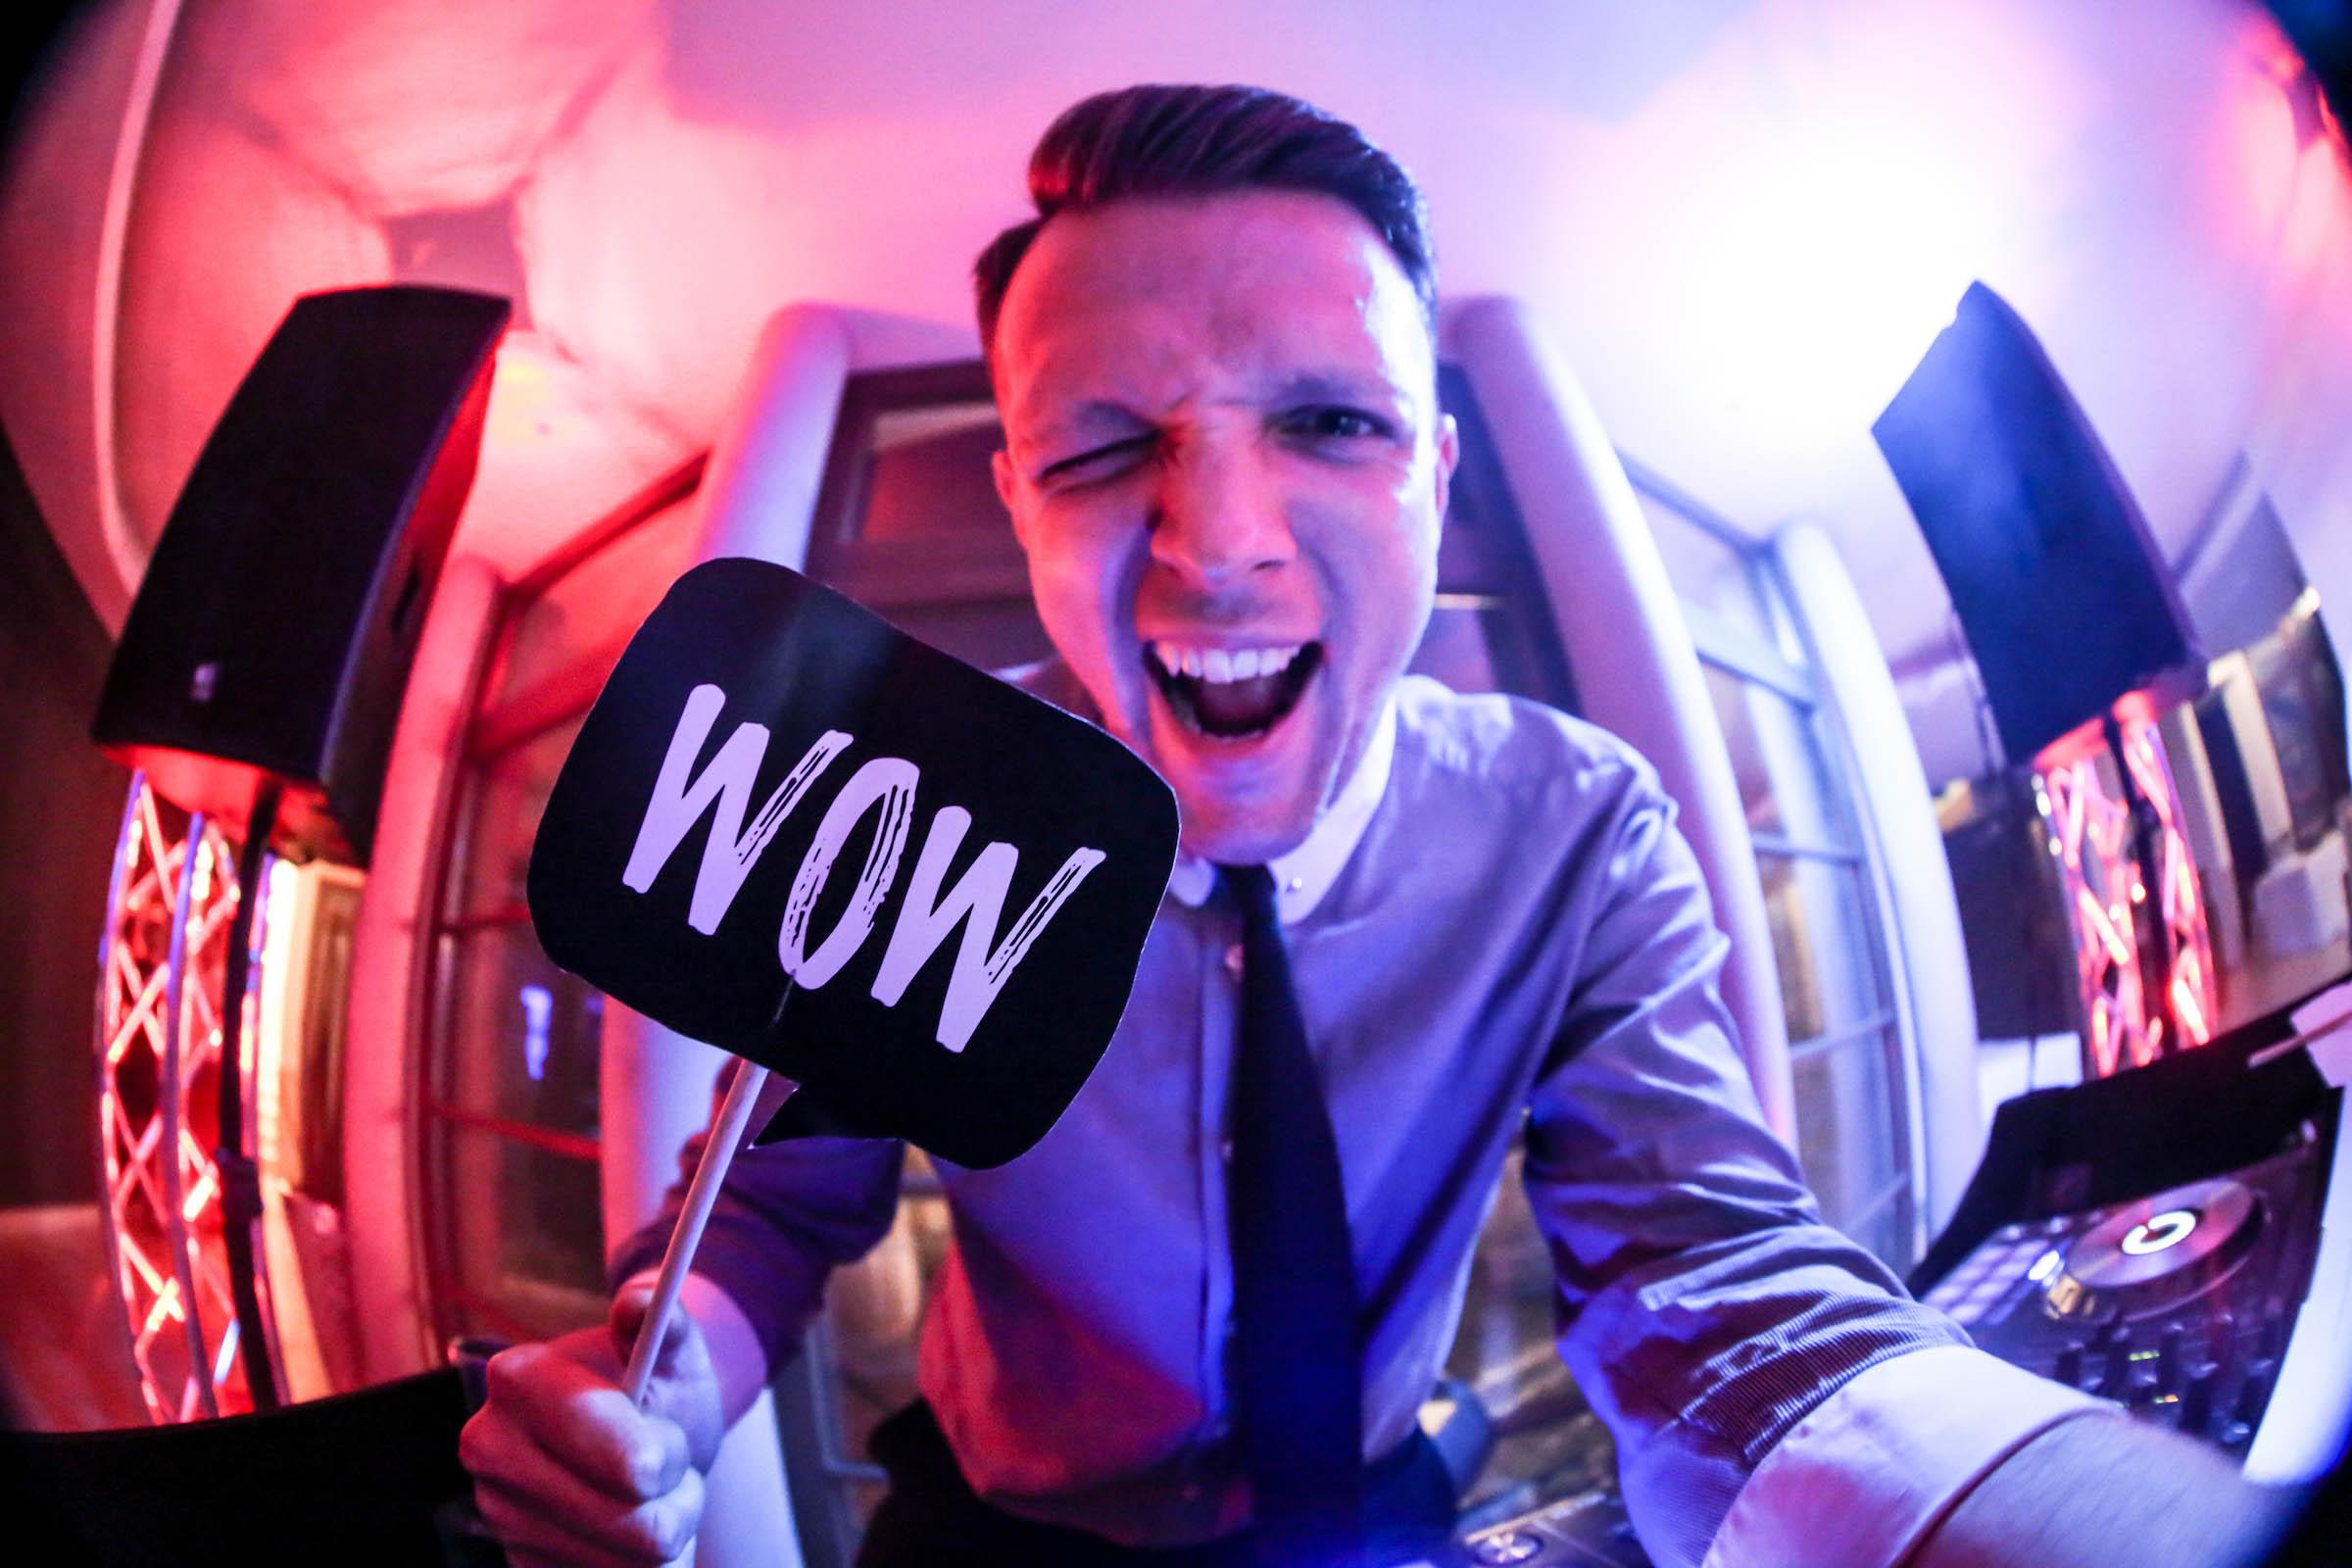 DJ | Hochzeit | Hannover | Timm | Lehmann | Discjockey Messe | Event | DJ | Geburtstag | Betriebsfeier | Buchen | Discjockey | Mieten | Anfragen | Lehmann | Eventservice